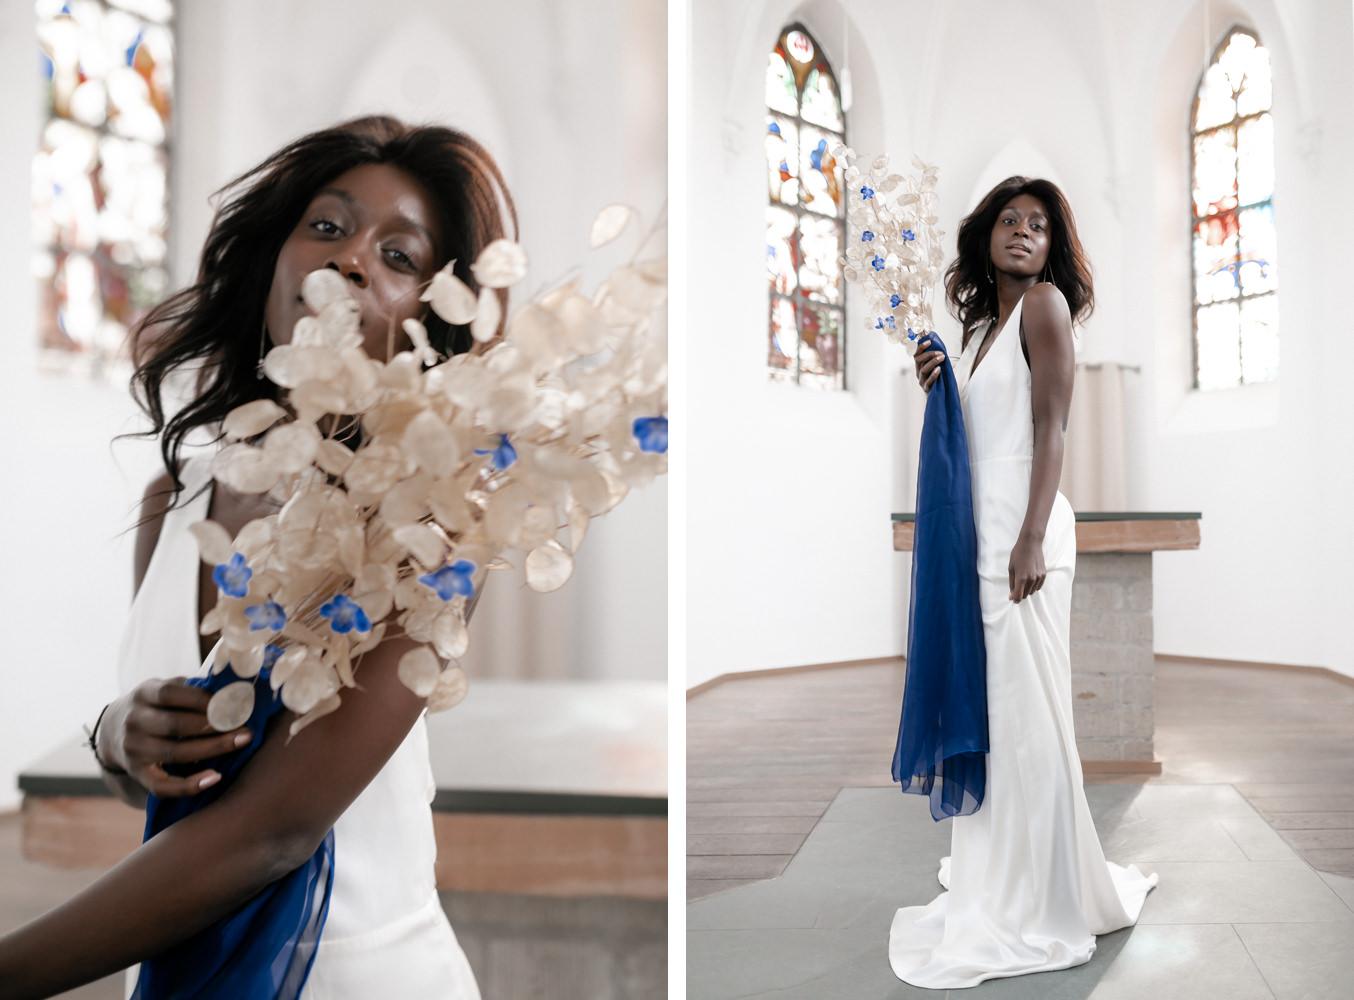 Braut in Kirche mit Hochzeitskleid und Pantone 2020 Details